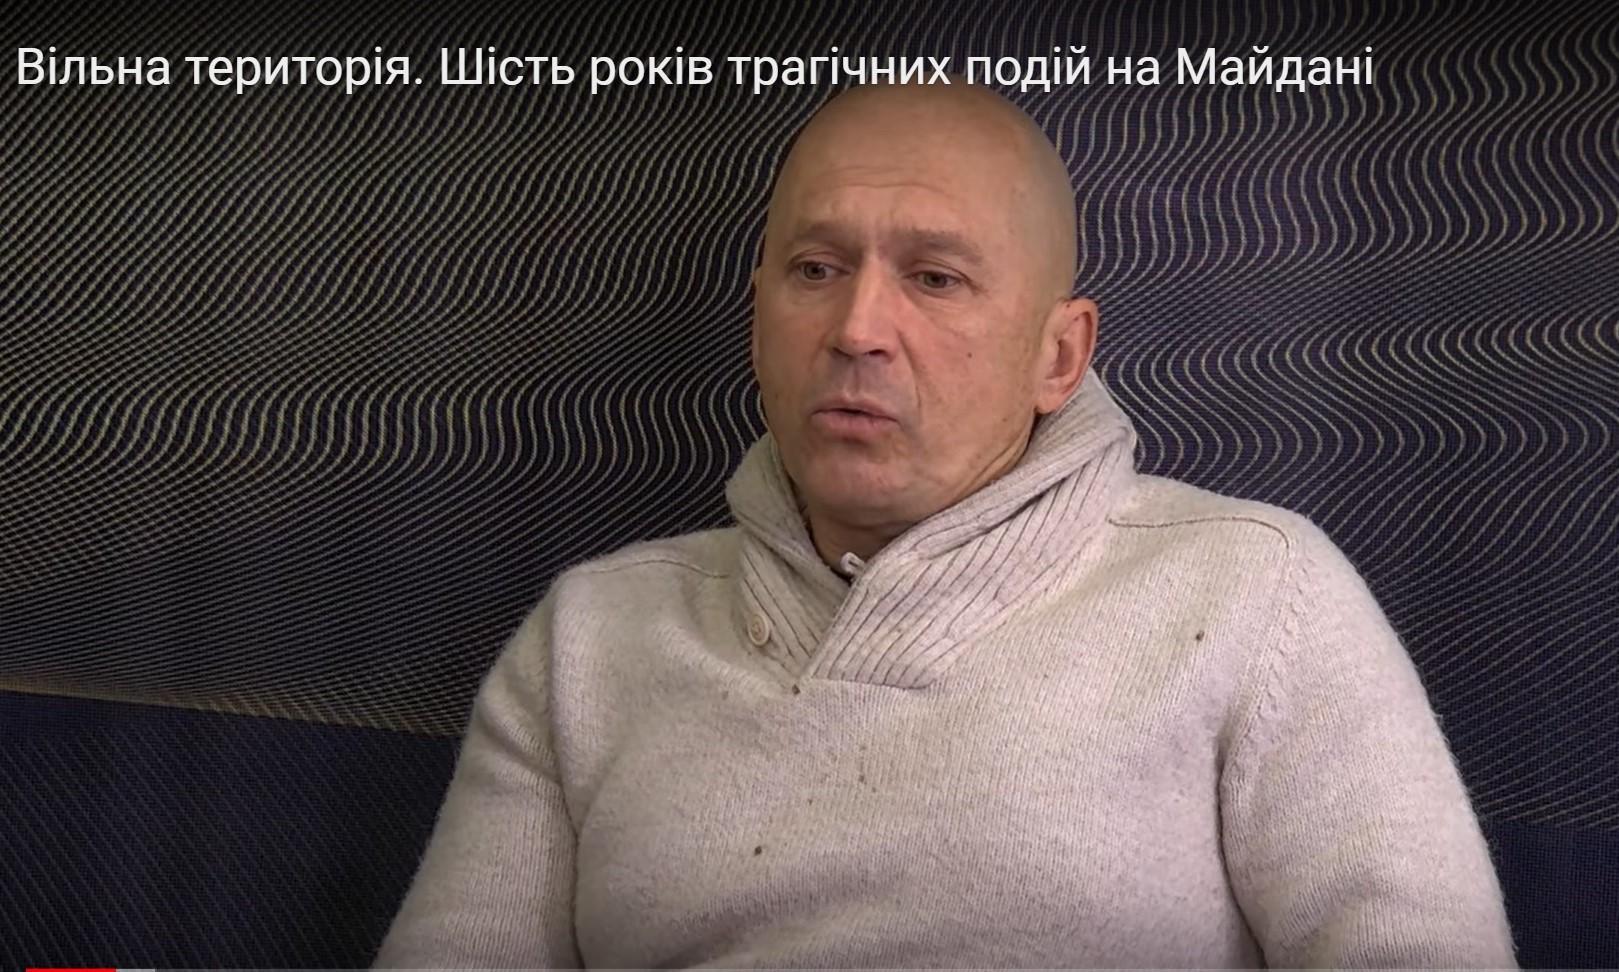 Чому за 6 років не розслідувані справи Майдану?